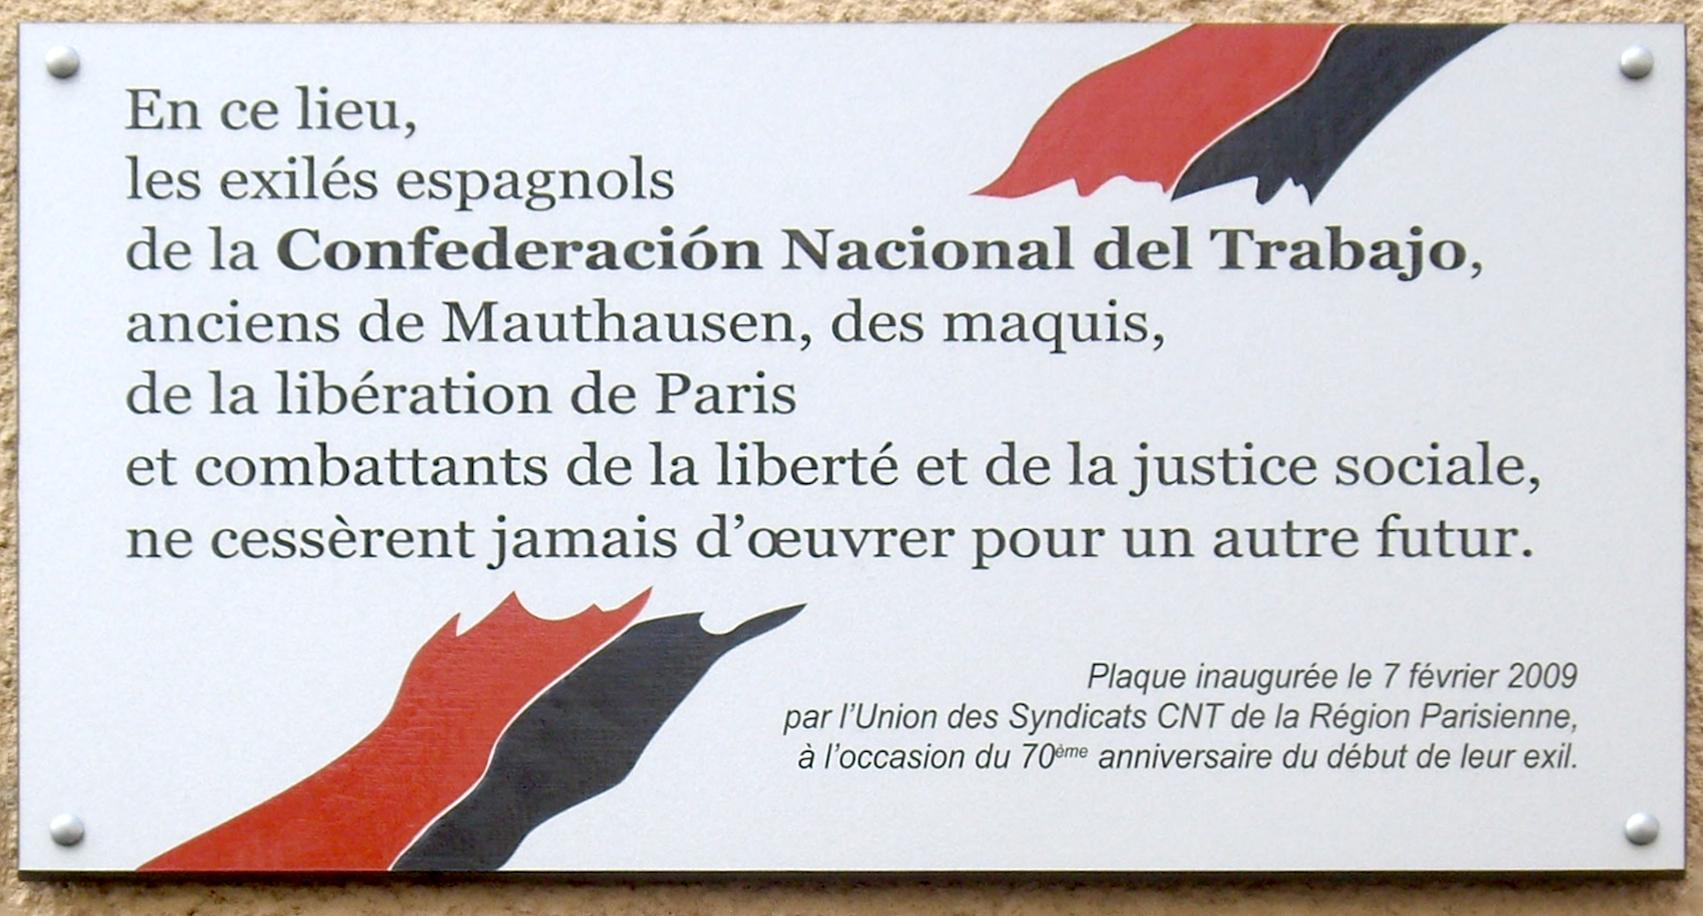 http://upload.wikimedia.org/wikipedia/commons/3/39/Plaque_Confederación_Nacional_del_Trabajo%2C_33_rue_des_Vignoles%2C_Paris_20.jpg